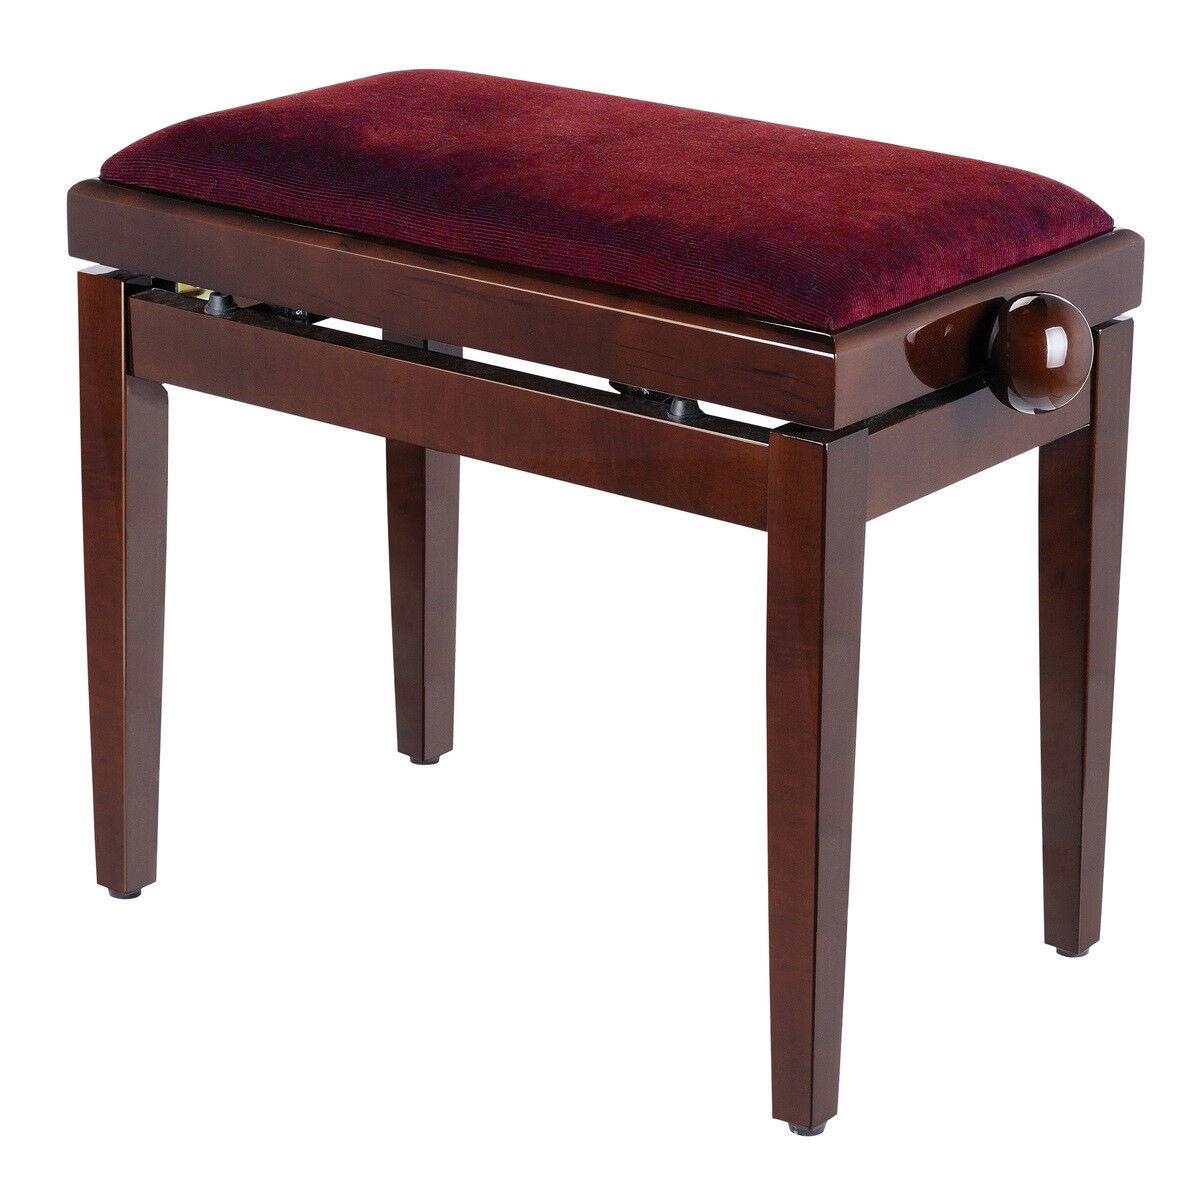 marchi di moda SOUNDSATION SOUNDSATION SOUNDSATION - Panchetta regolabile in legno lucido  preferenziale